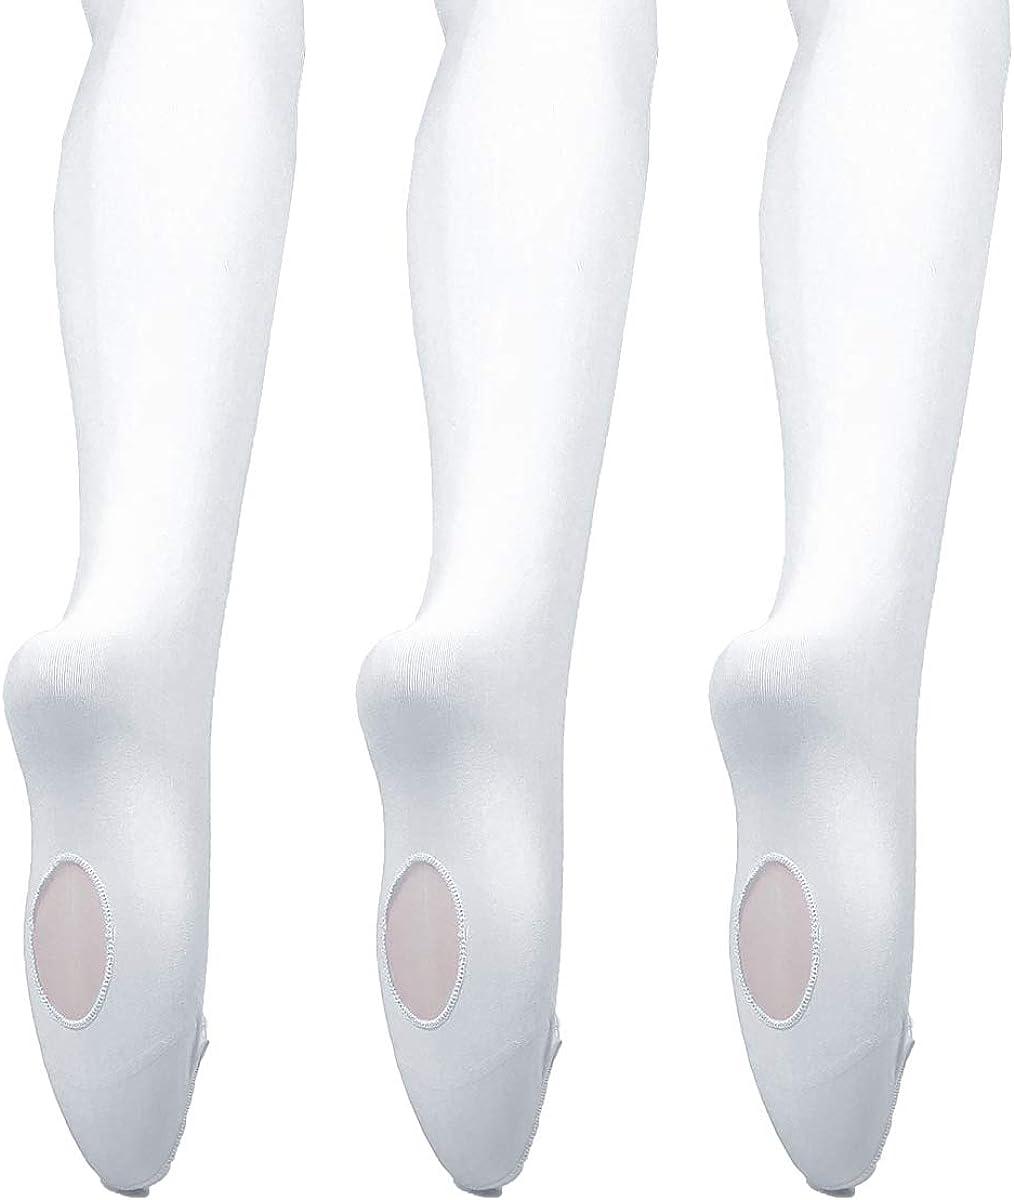 3 colors DoGeek-Medias de Ballet Ballet medias Para Ni/ñas y mujer